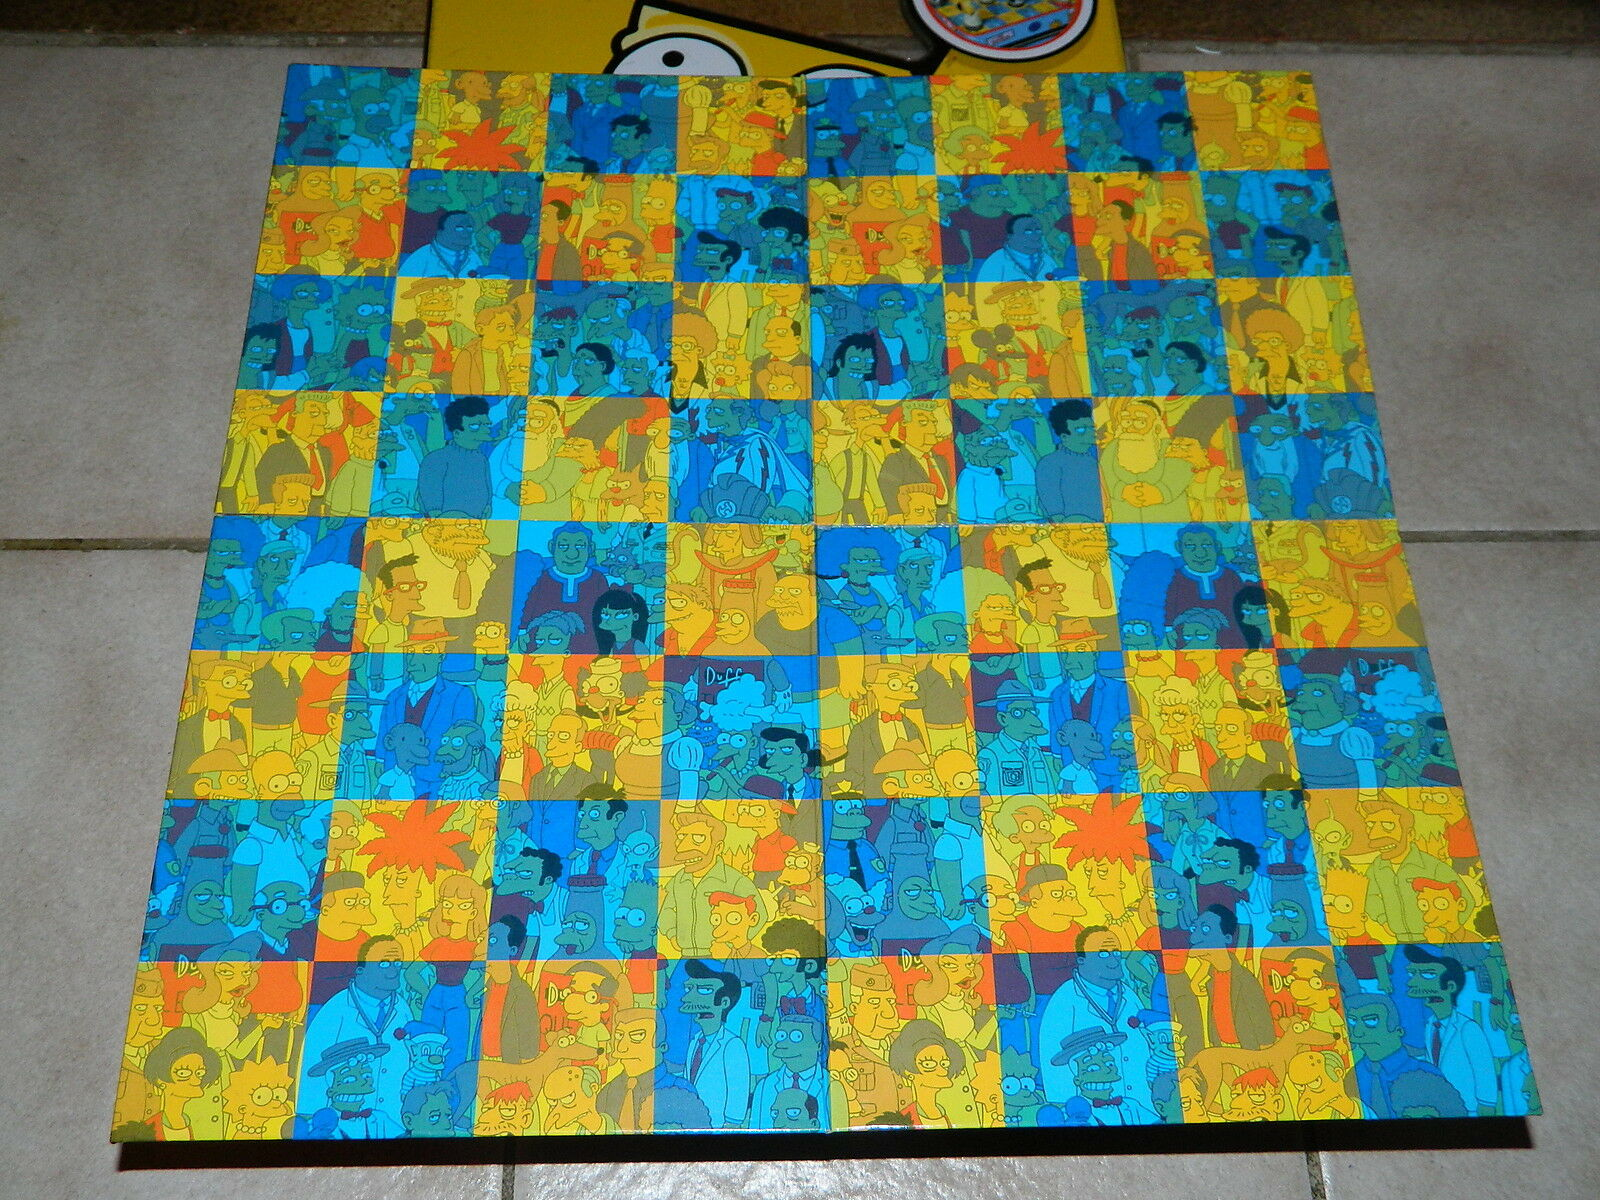 Simpsons Schach Set - Chess Set - Cardinal - - - in Metall Box - komplett - Rarität 6608df